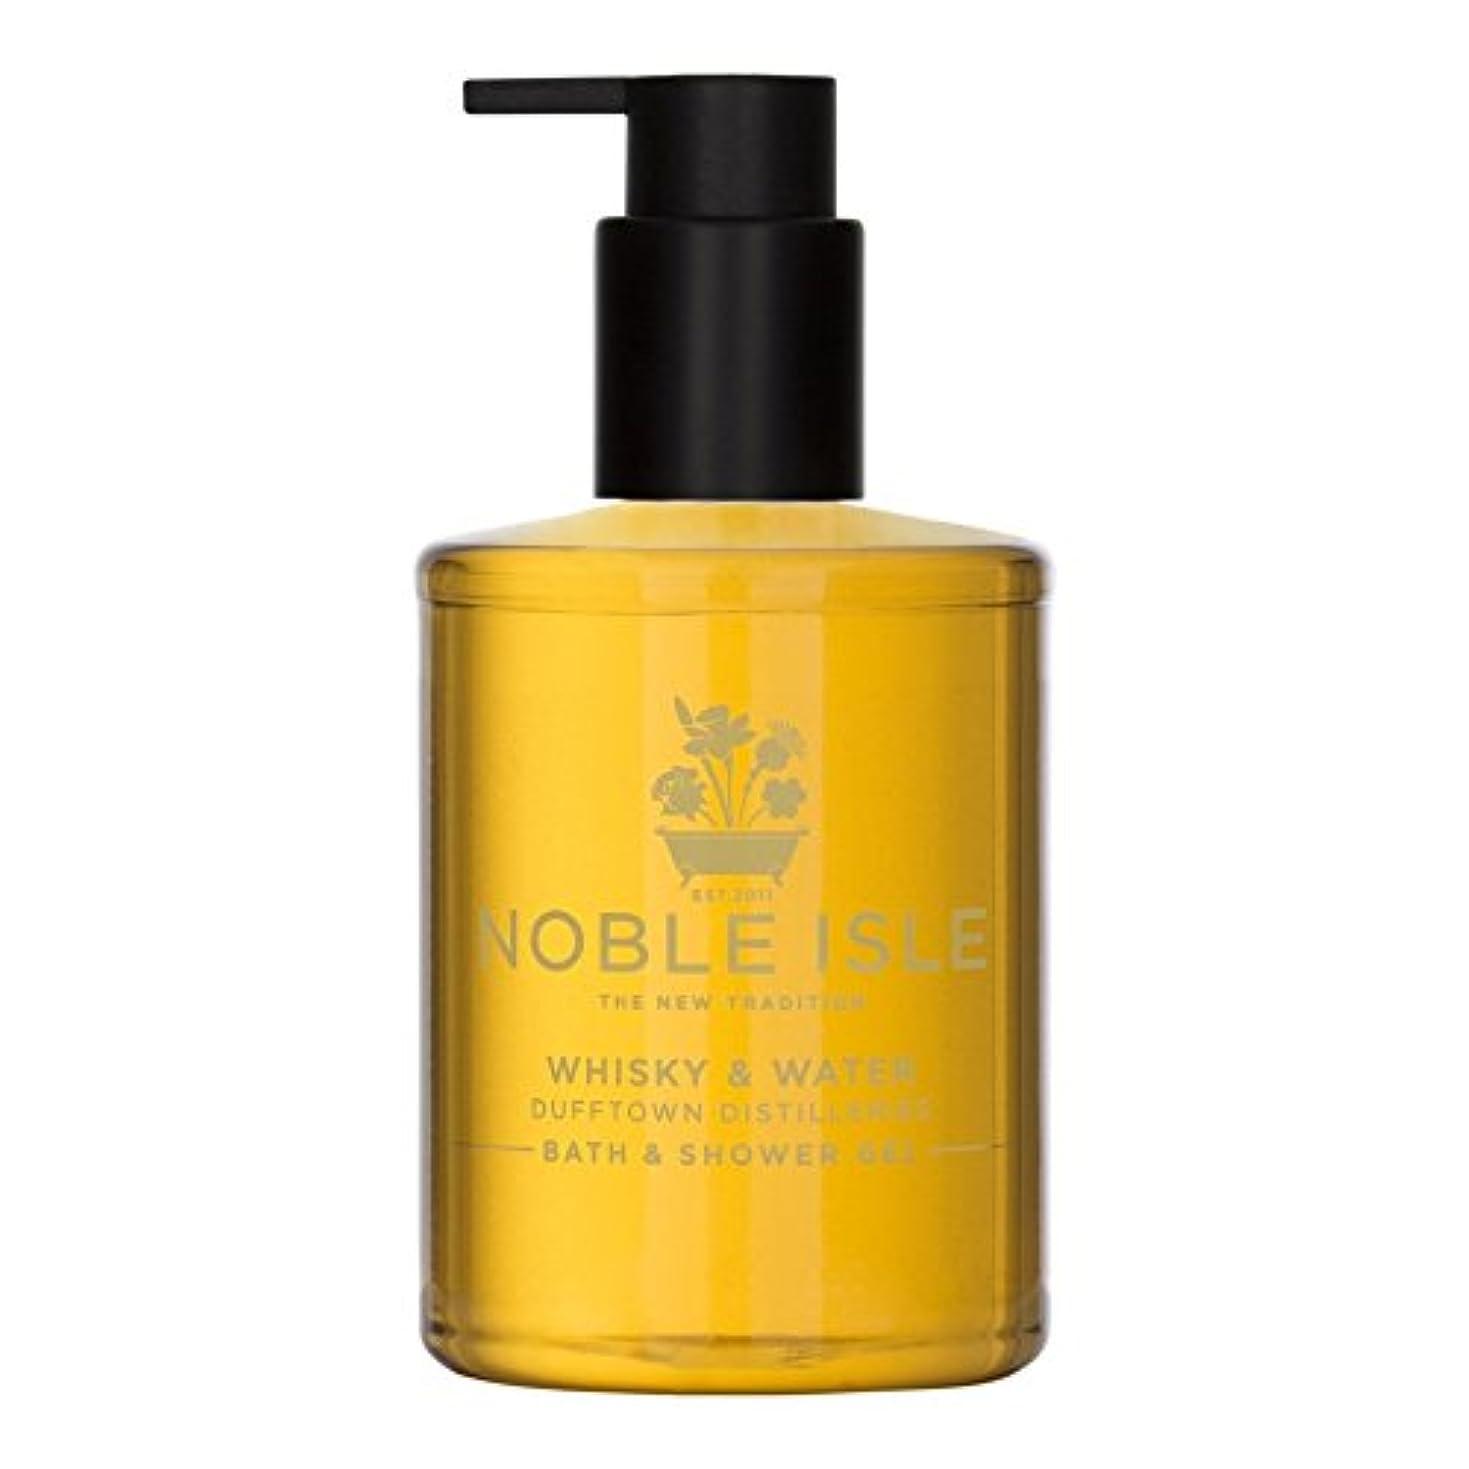 テーブル増加する分解するNoble Isle Whisky & Water Bath & Shower Gel 250ml - 高貴な島ウイスキー&ウォーターバス&シャワージェル250ミリリットル [並行輸入品]